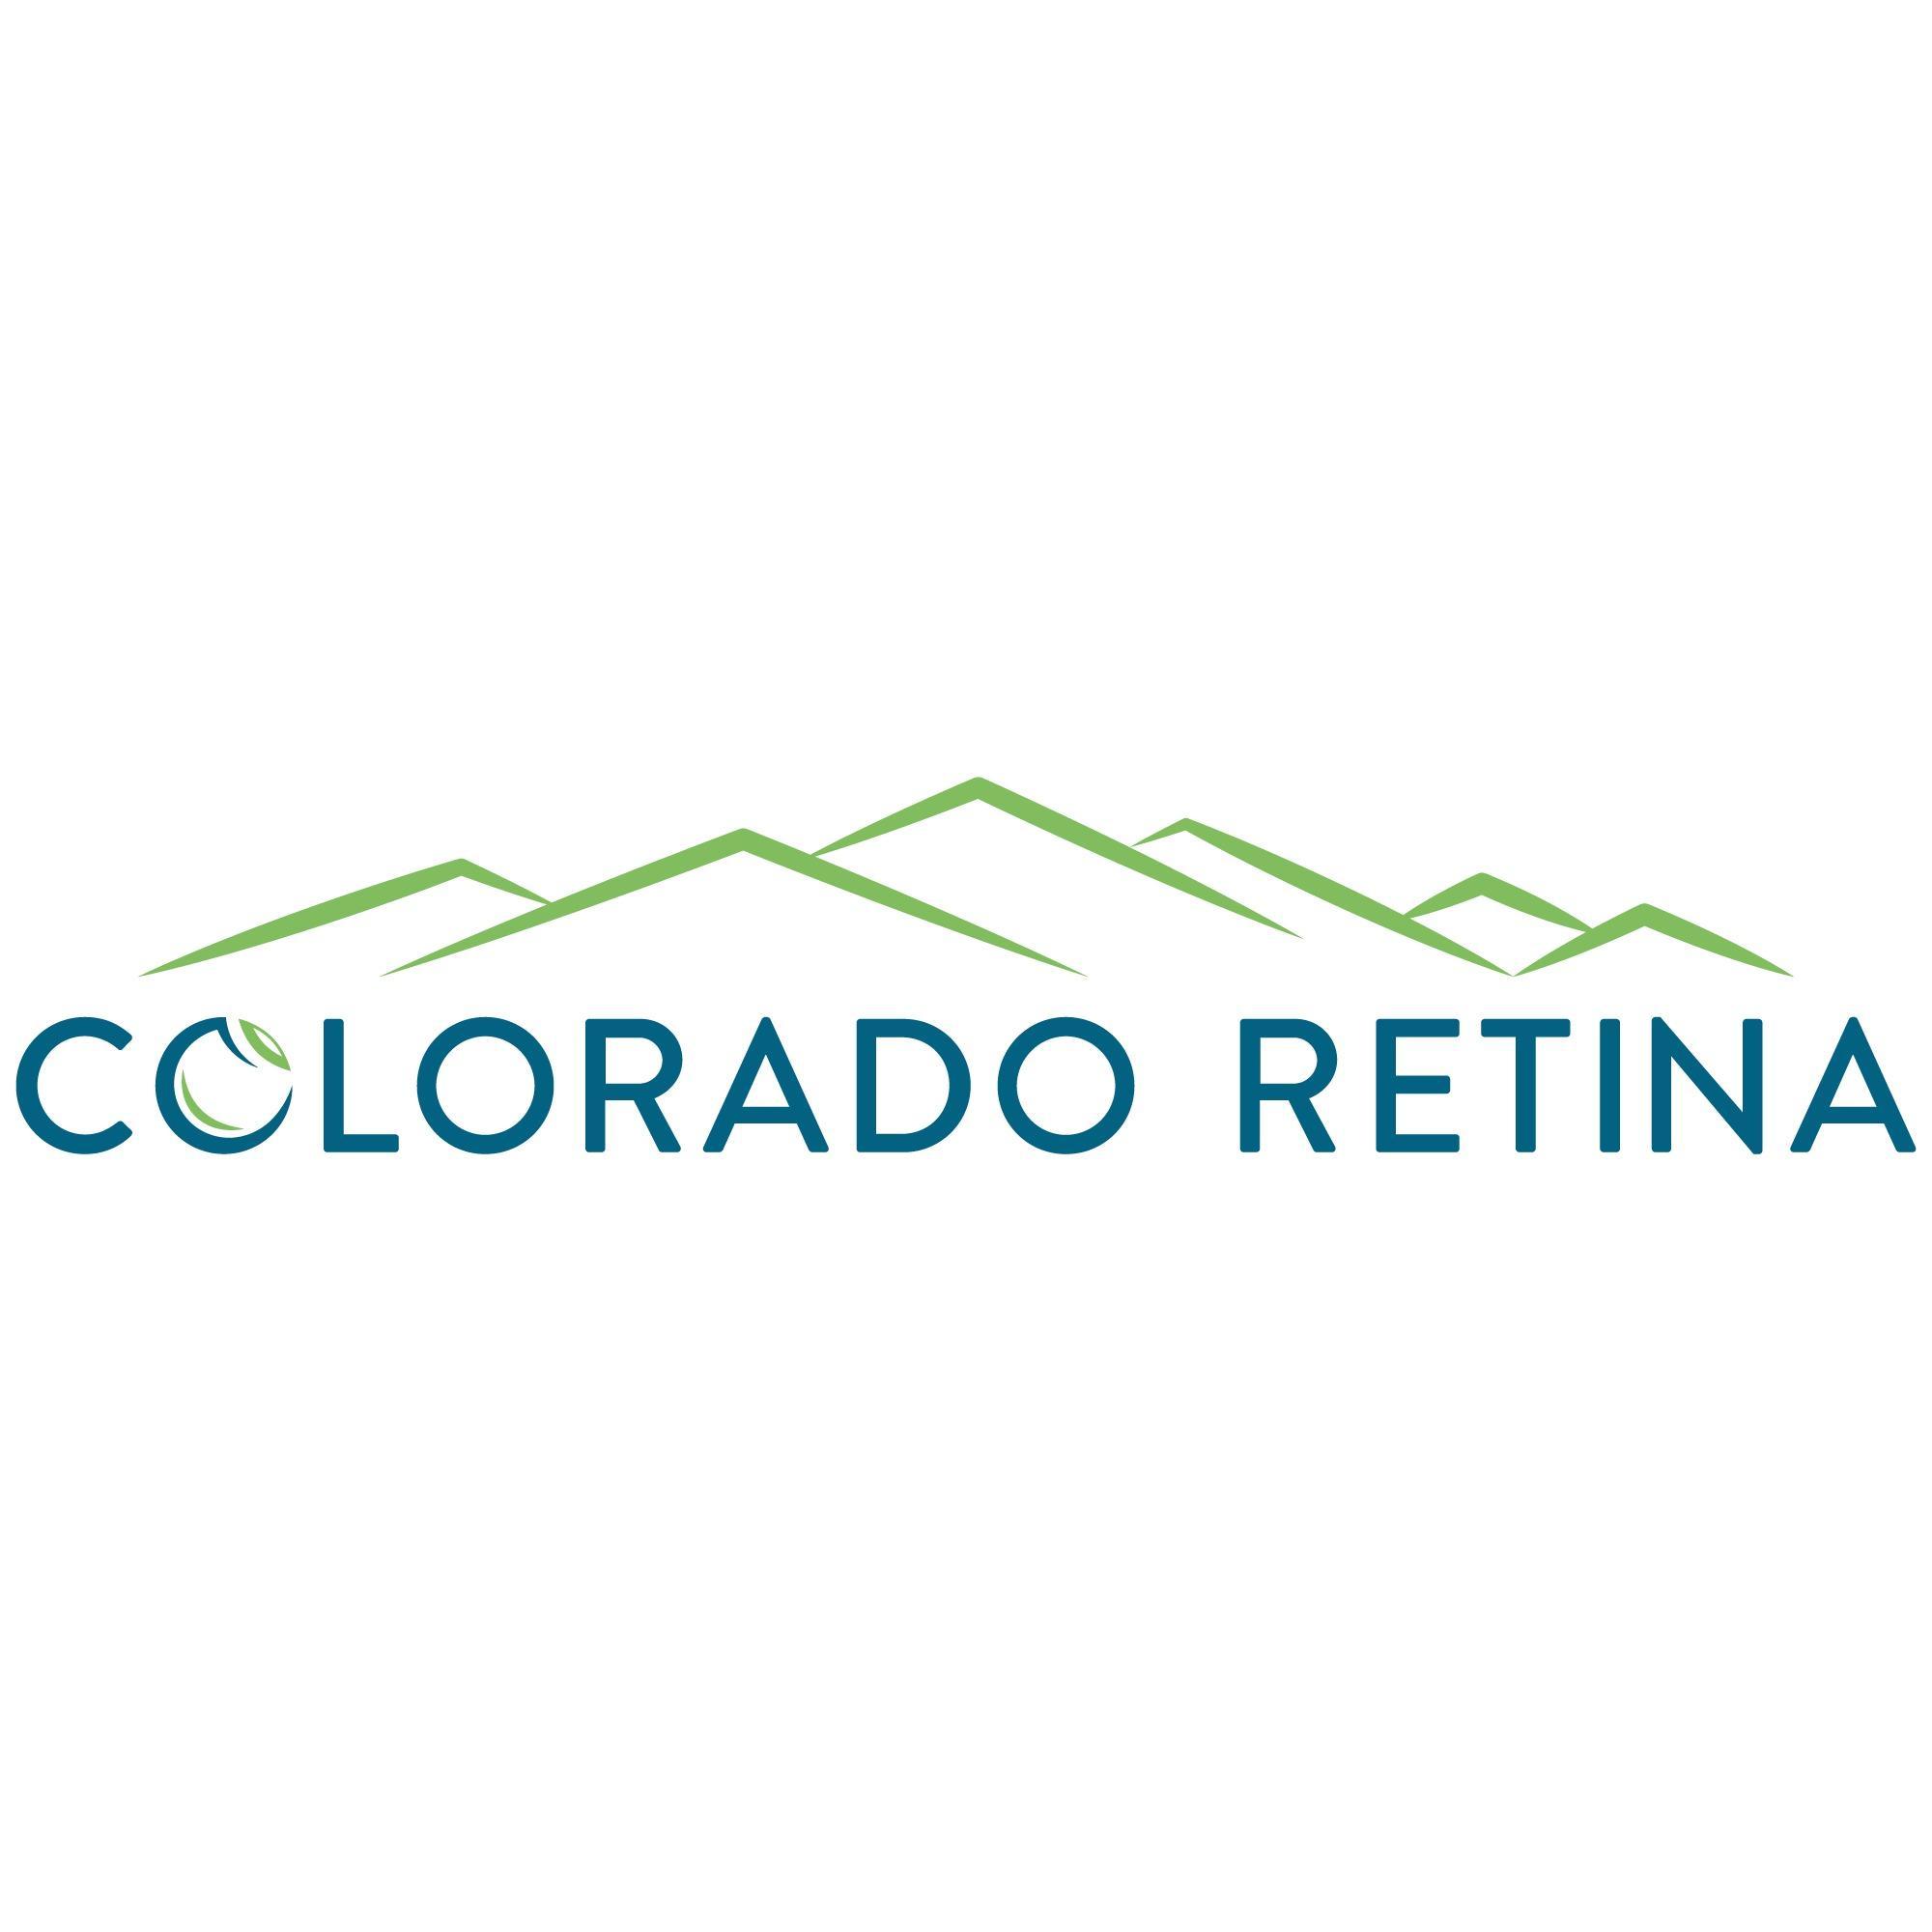 Colorado Retina - Loveland Clinic